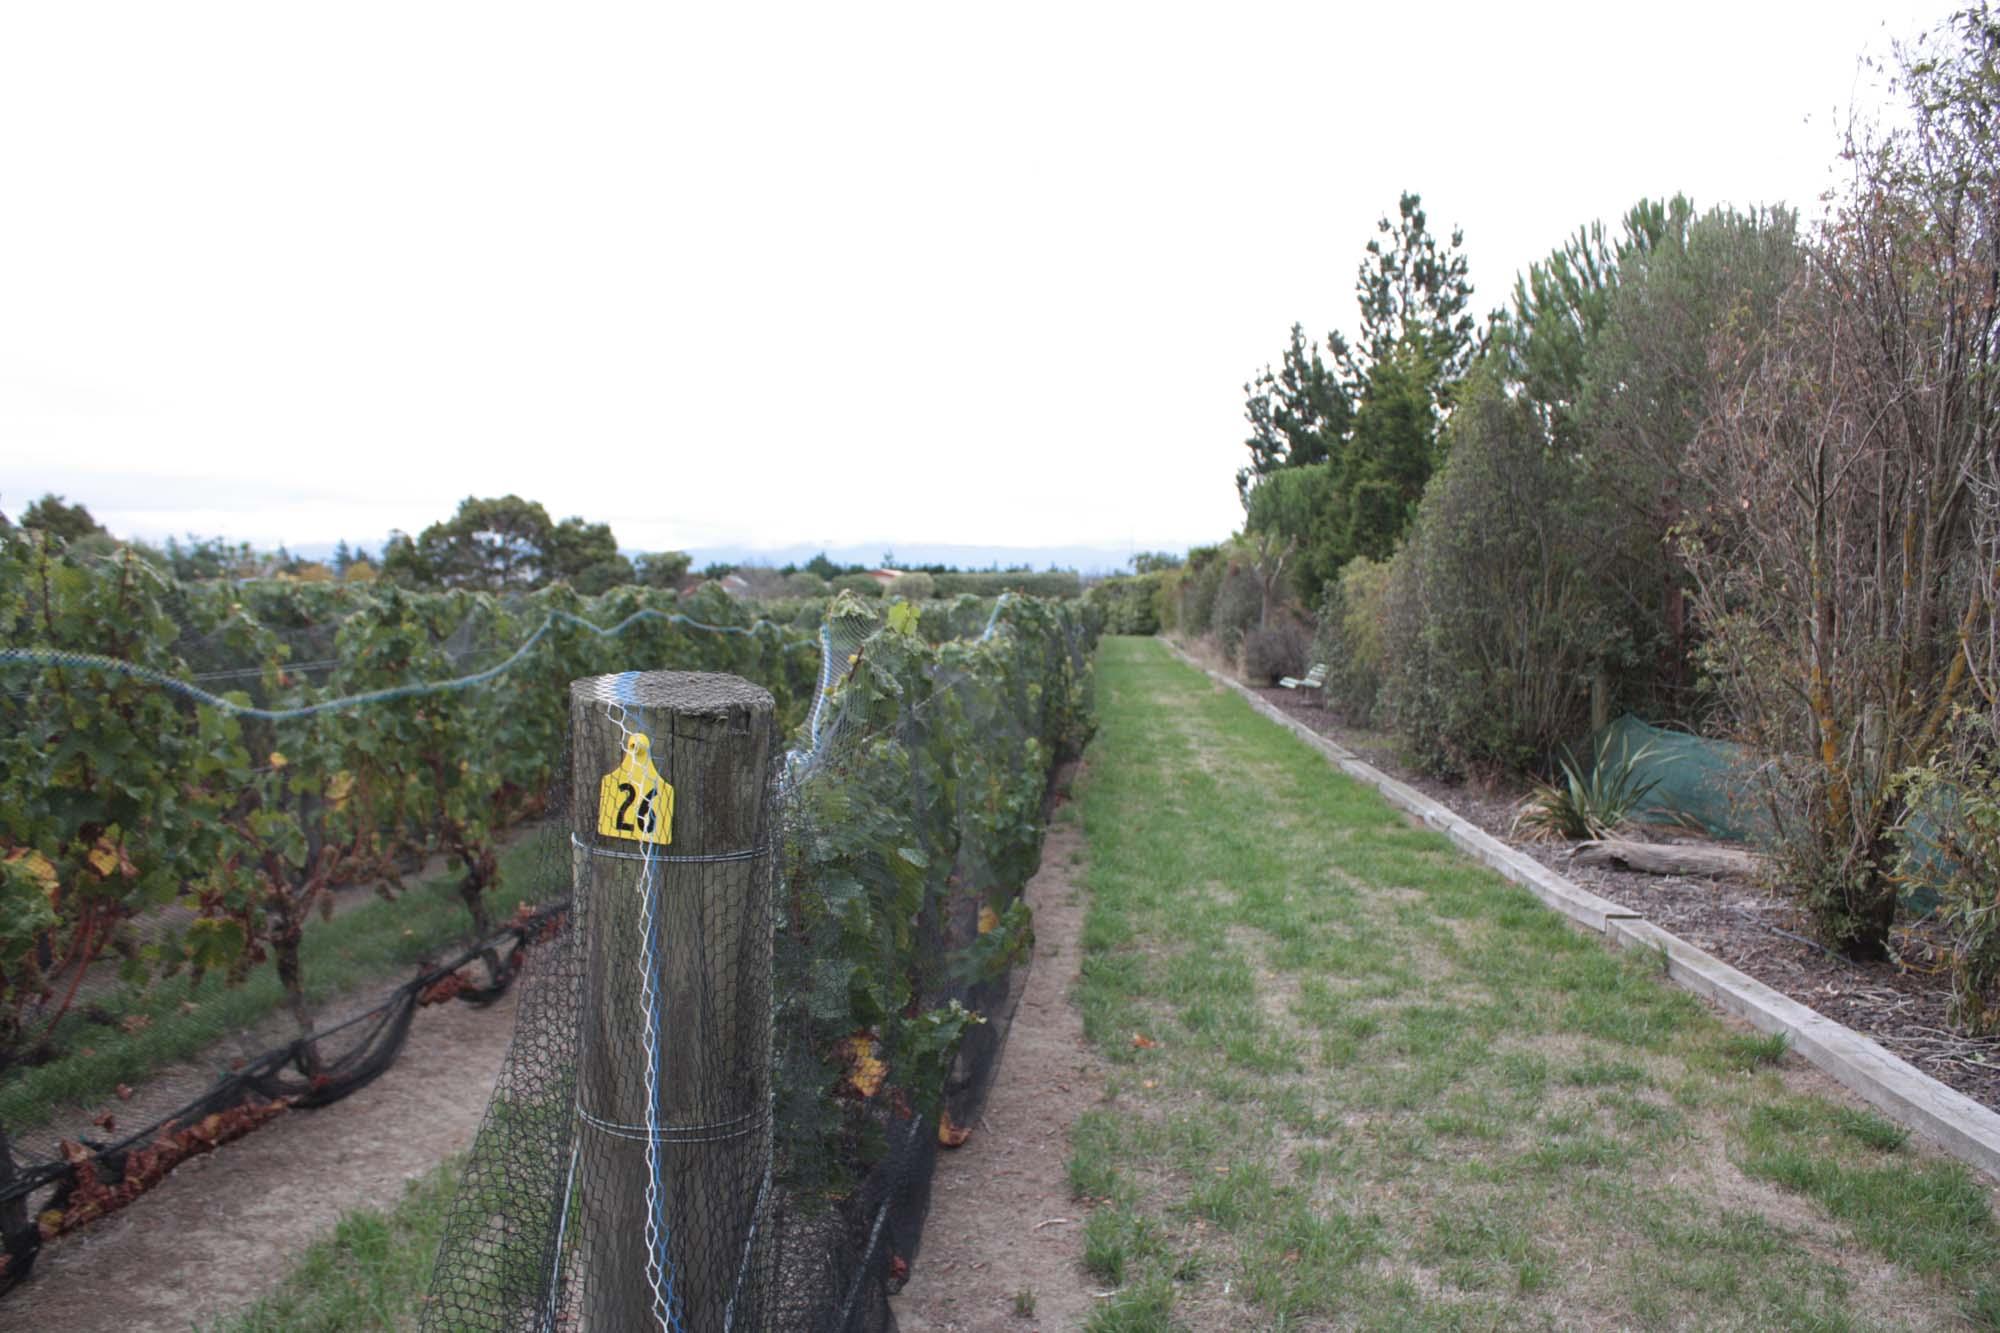 Image of Row 26 of Sauvignon Blanc Vines, Martinborough, 26 Rows